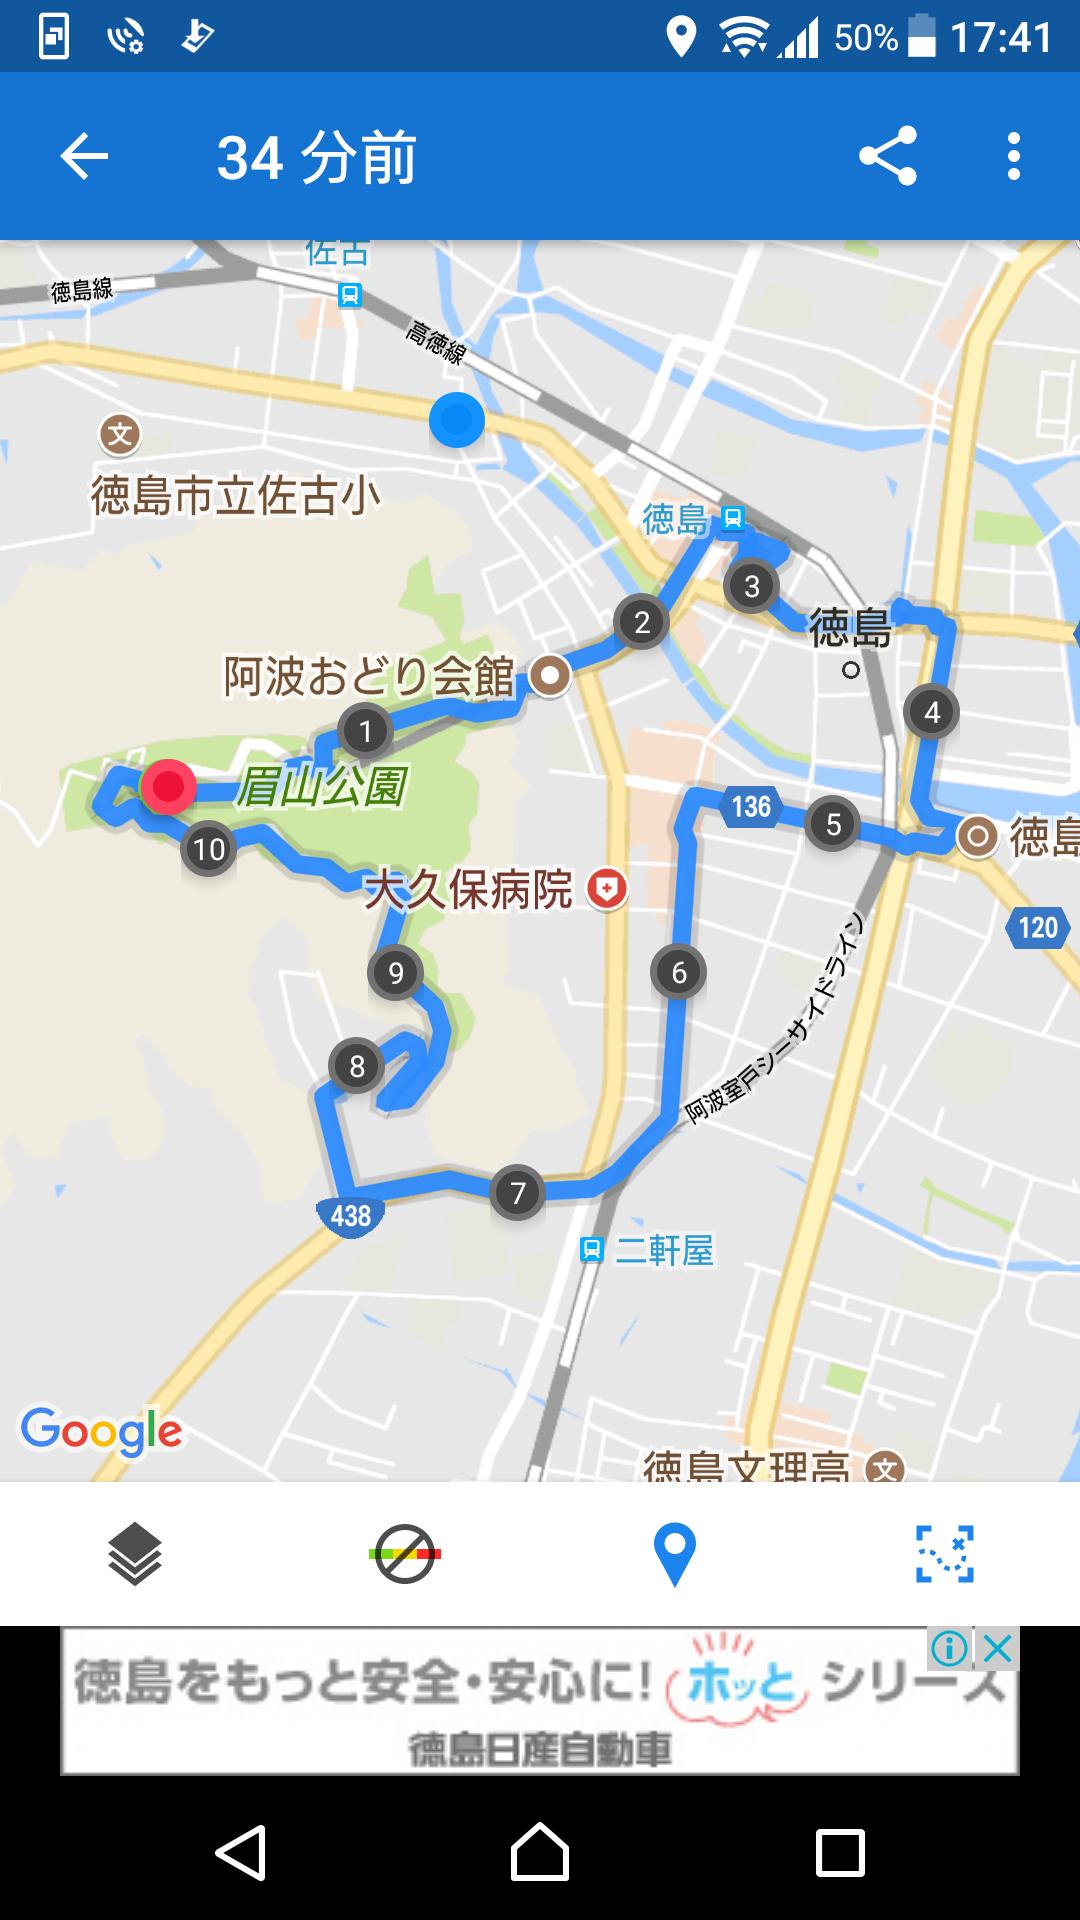 f:id:ynakayama27:20170921173445p:plain